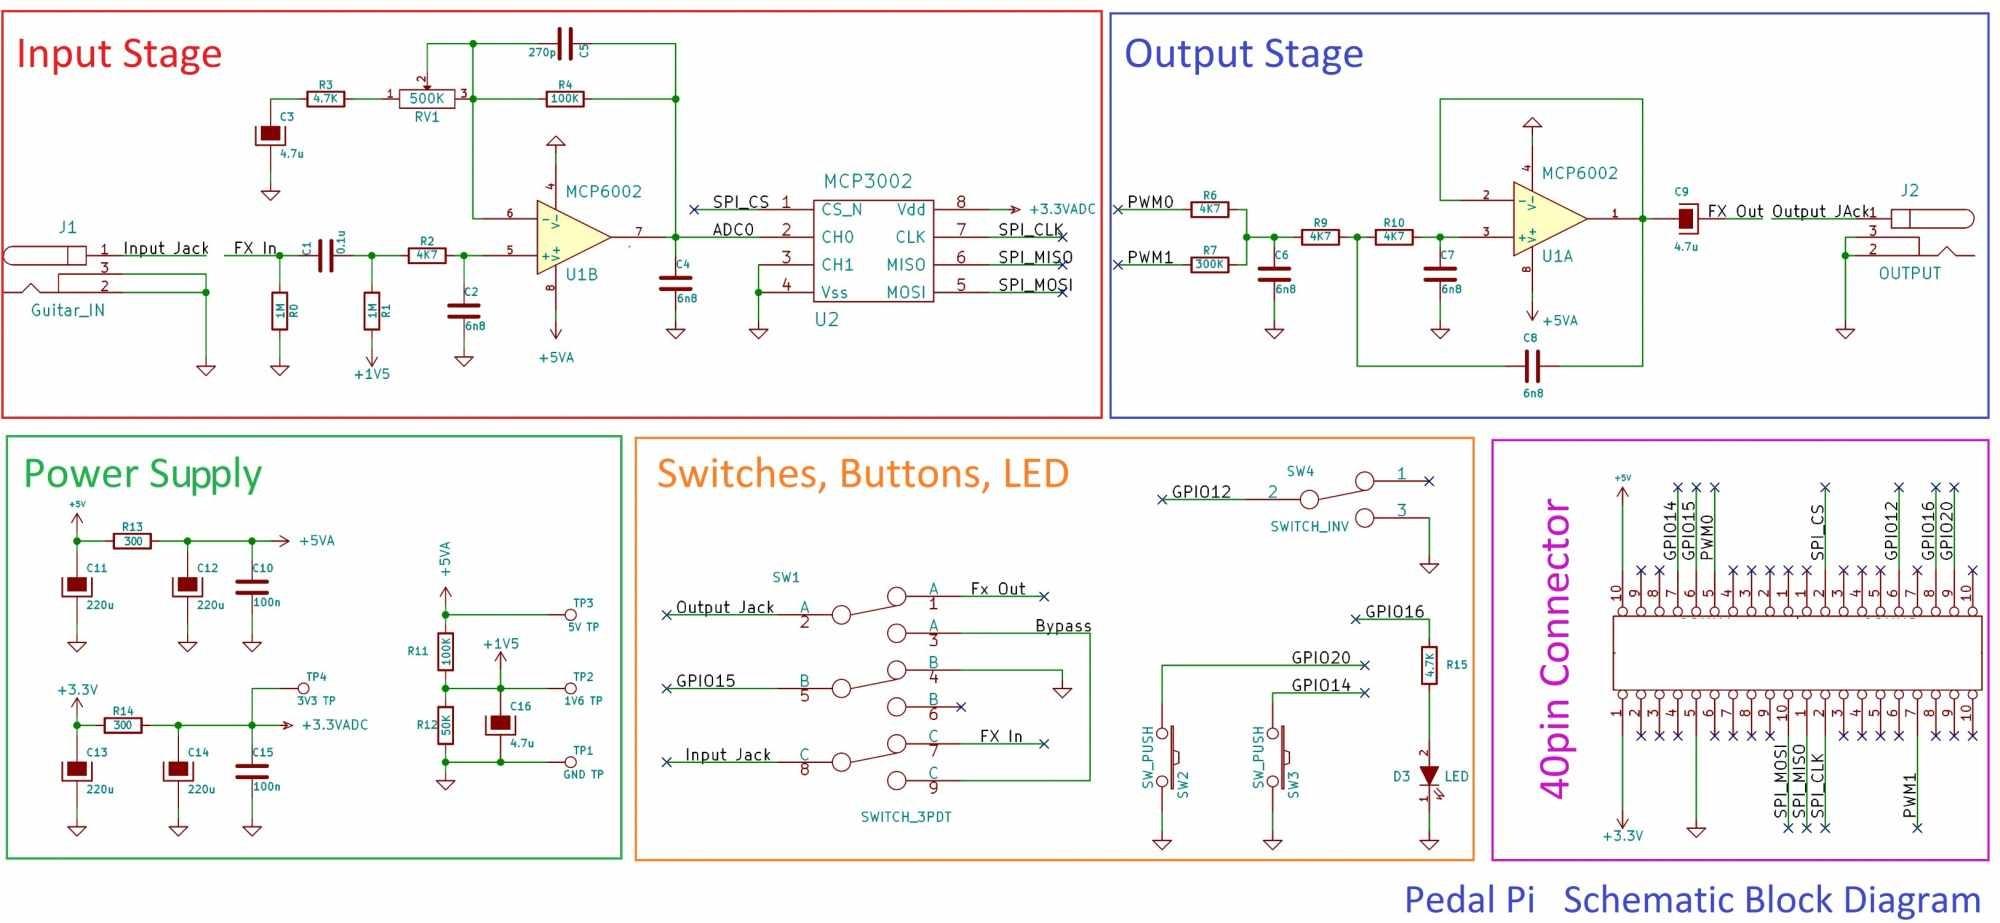 ppi-schematic_2018-03-05.jpg